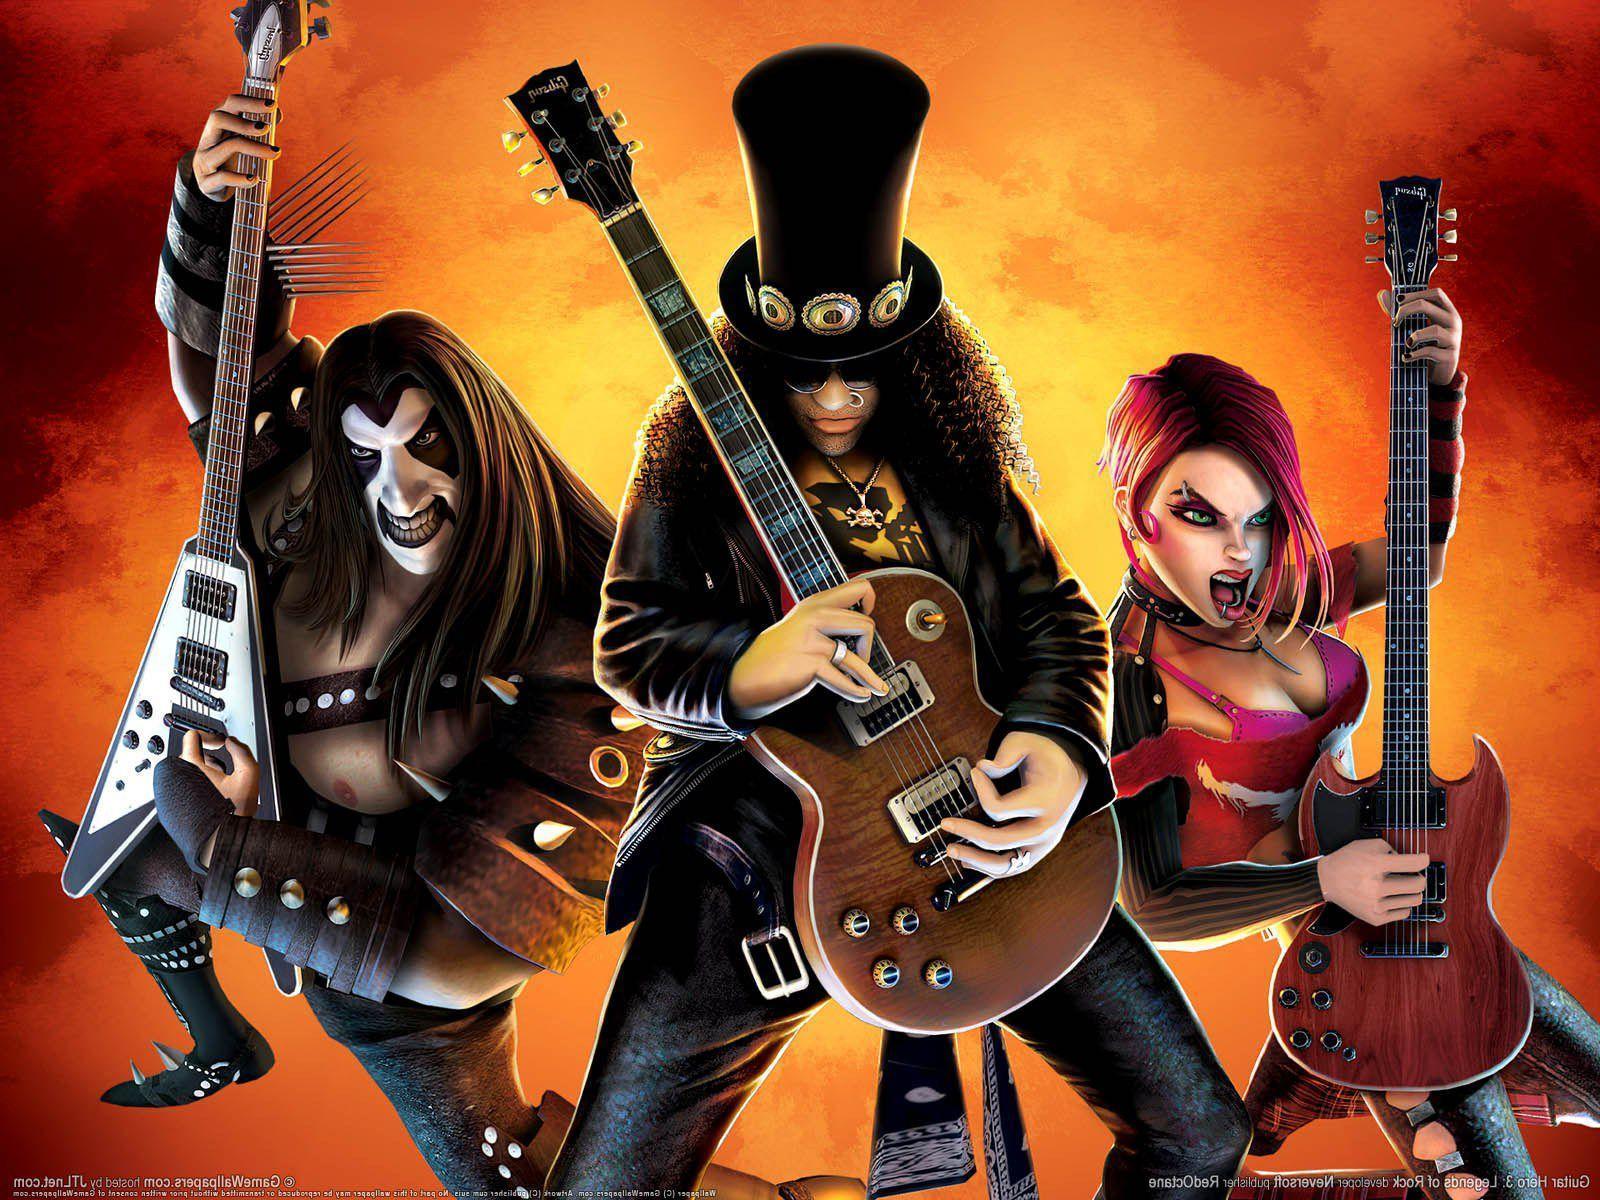 Guitar Hero Wallpapers Top Free Guitar Hero Backgrounds Wallpaperaccess